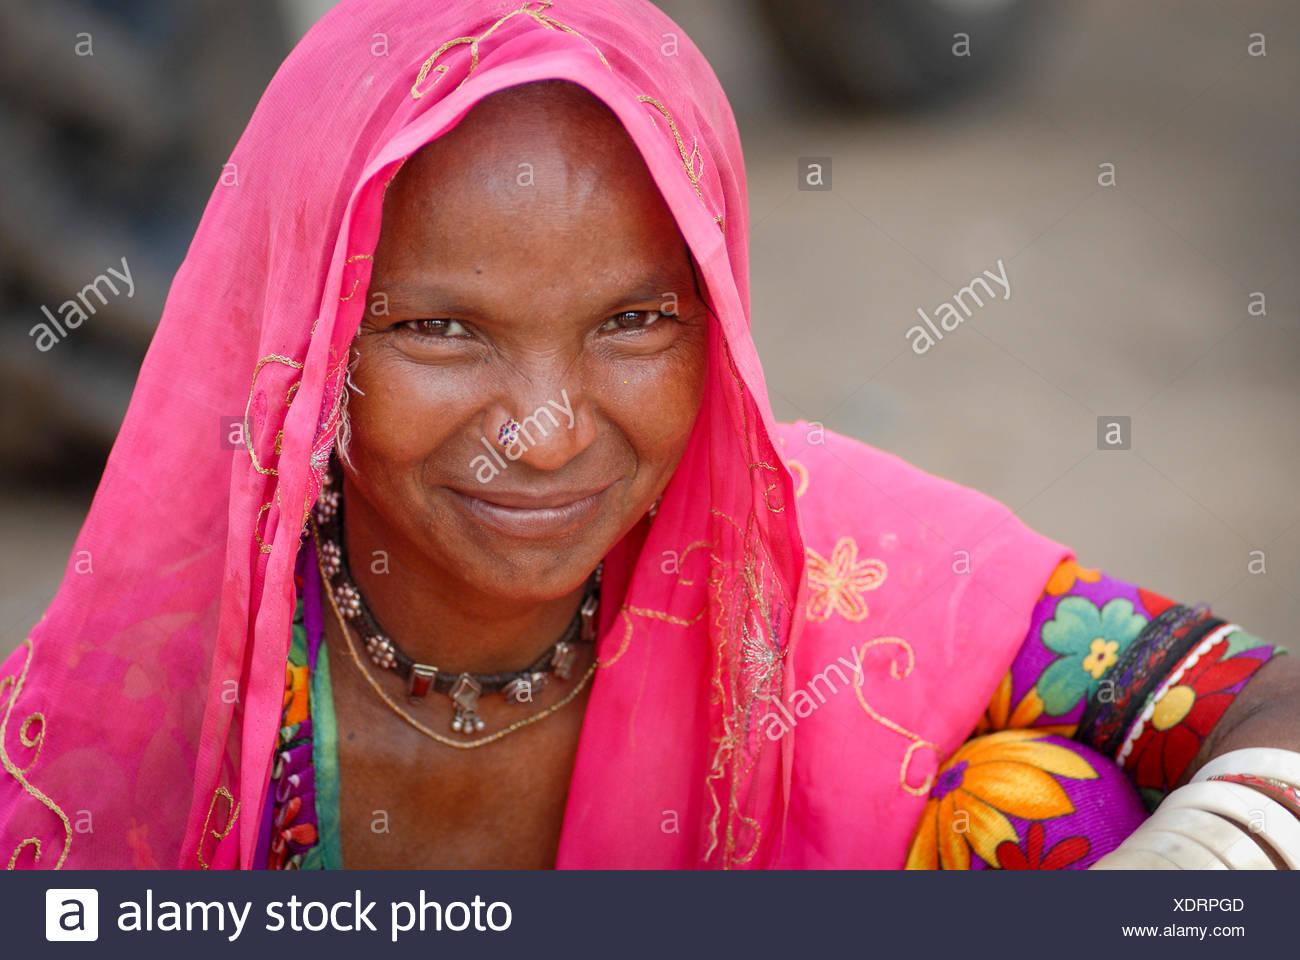 Lächelnde Frau in der Nähe von Dholpur, Rajasthan, Indien, Asien Stockbild